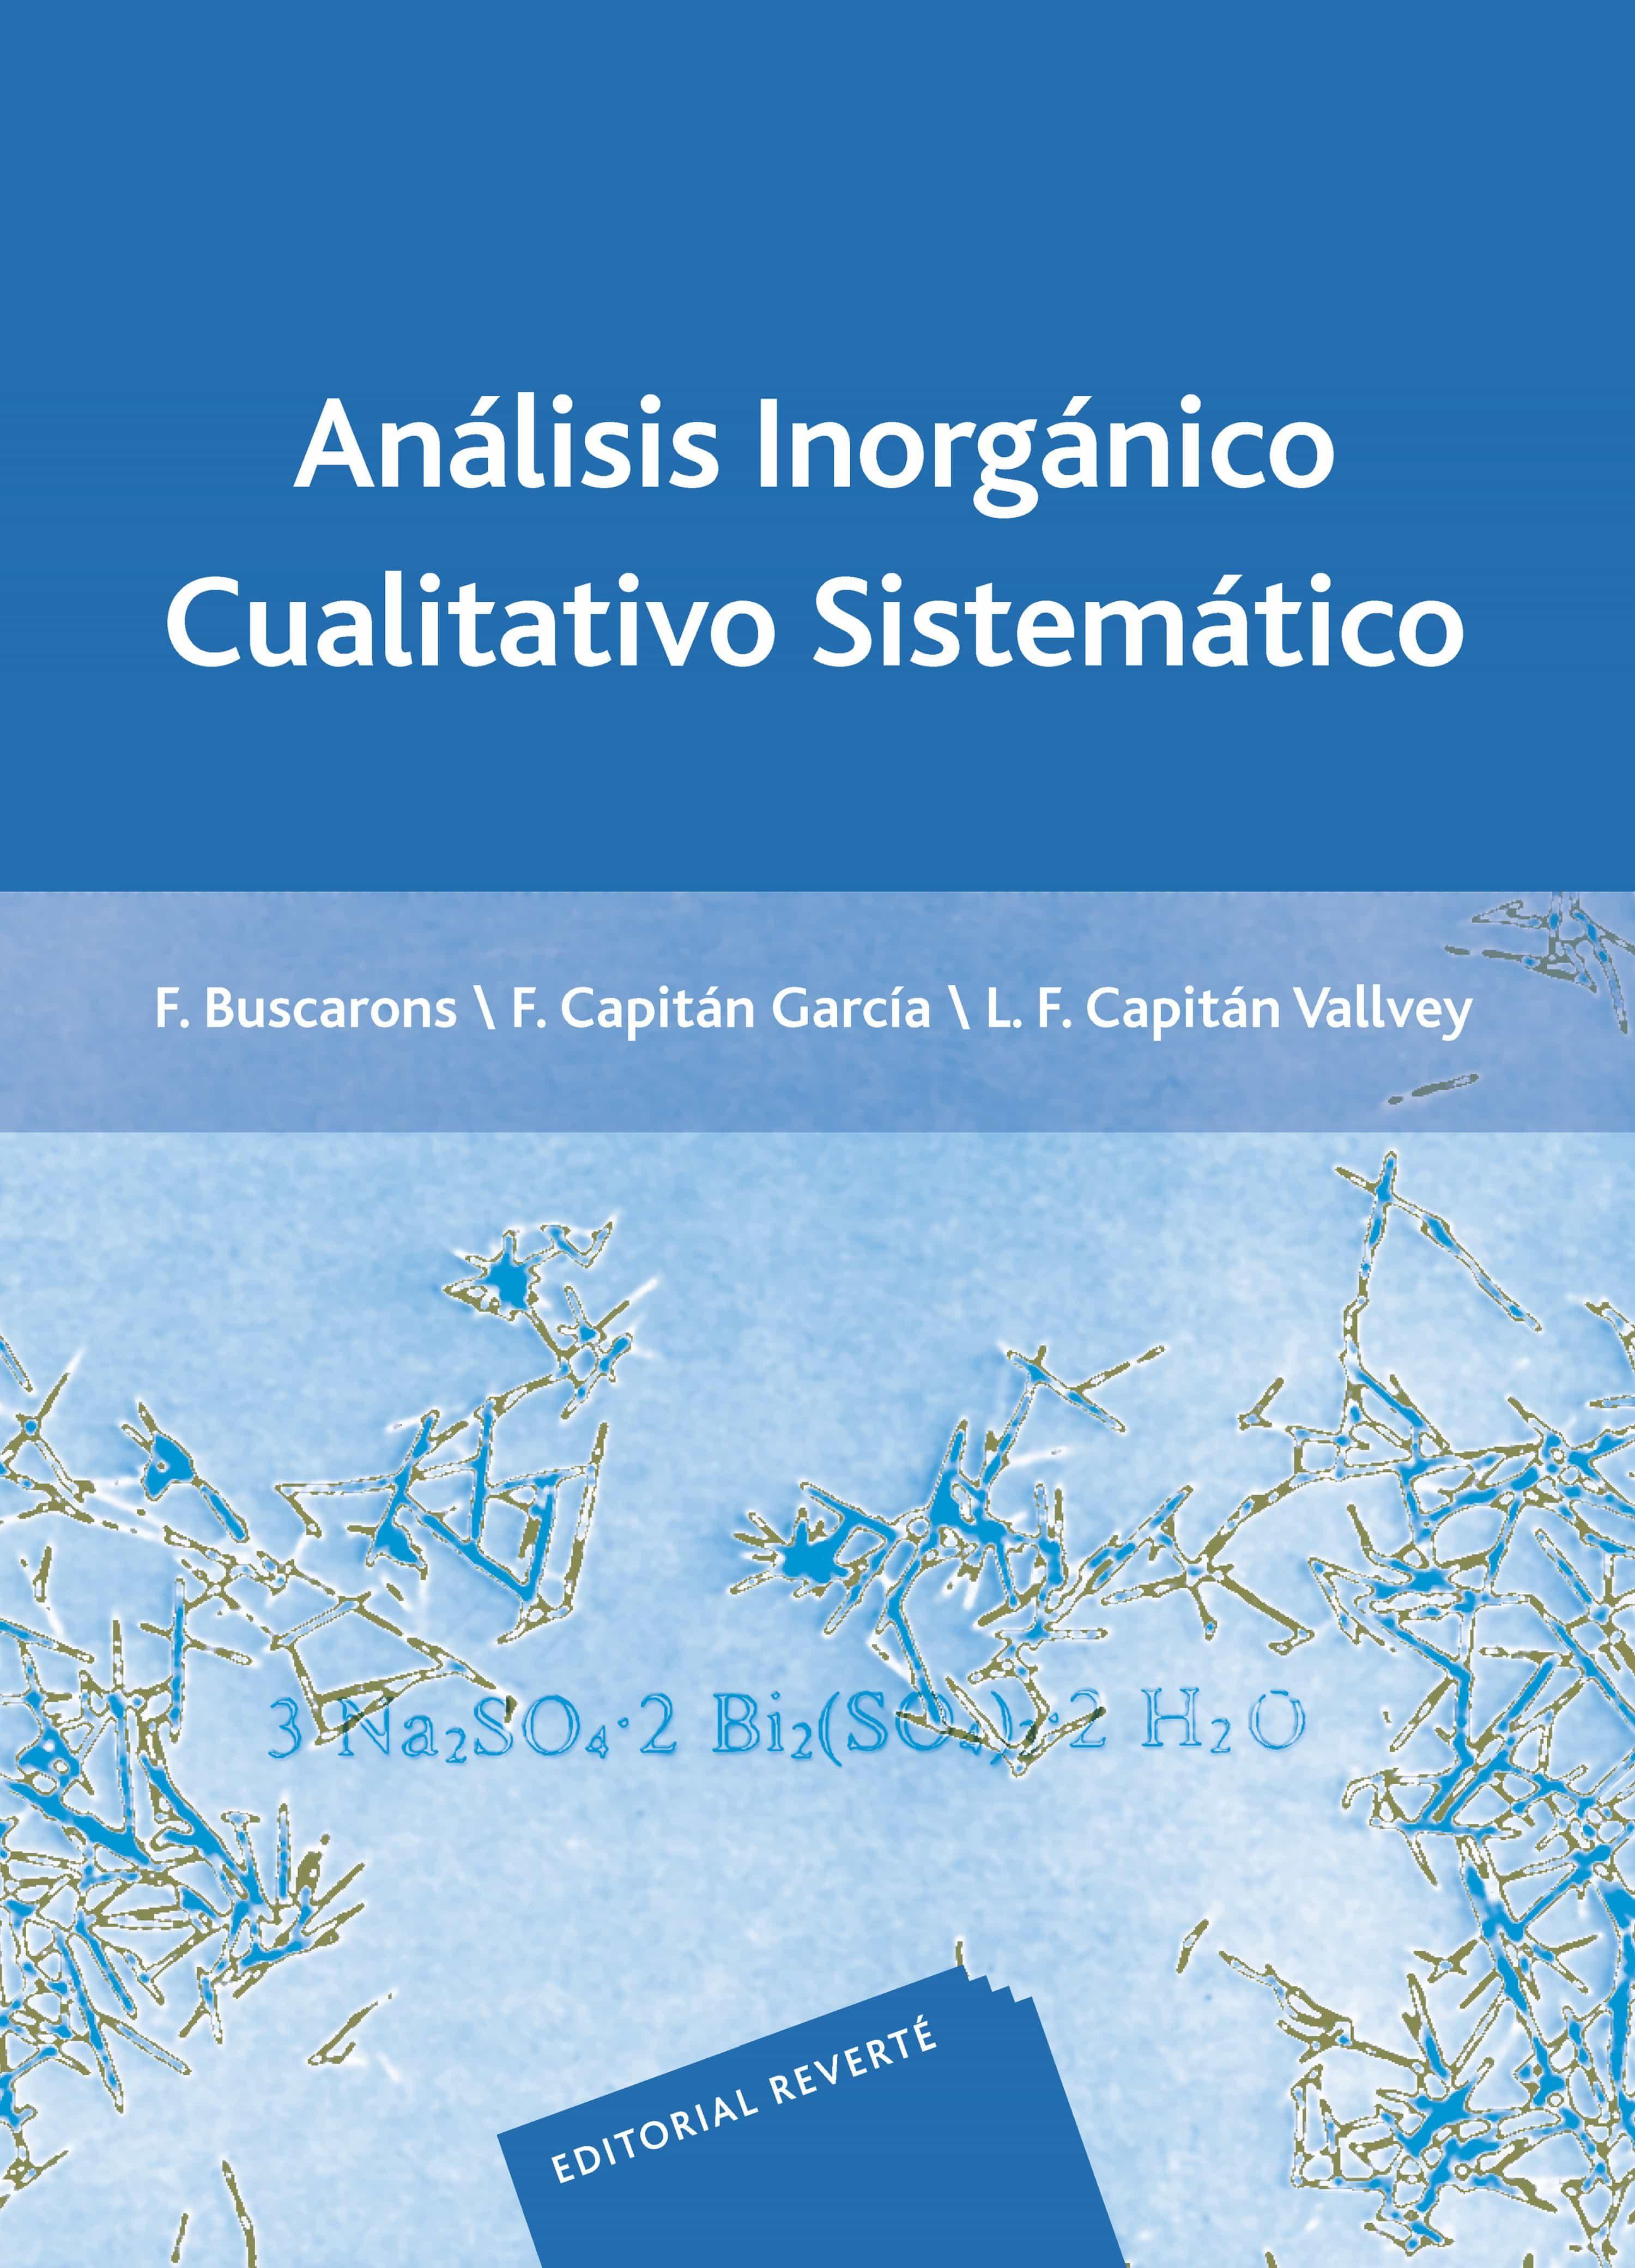 analisis inorganico cualitativo sistematico-9788429170832